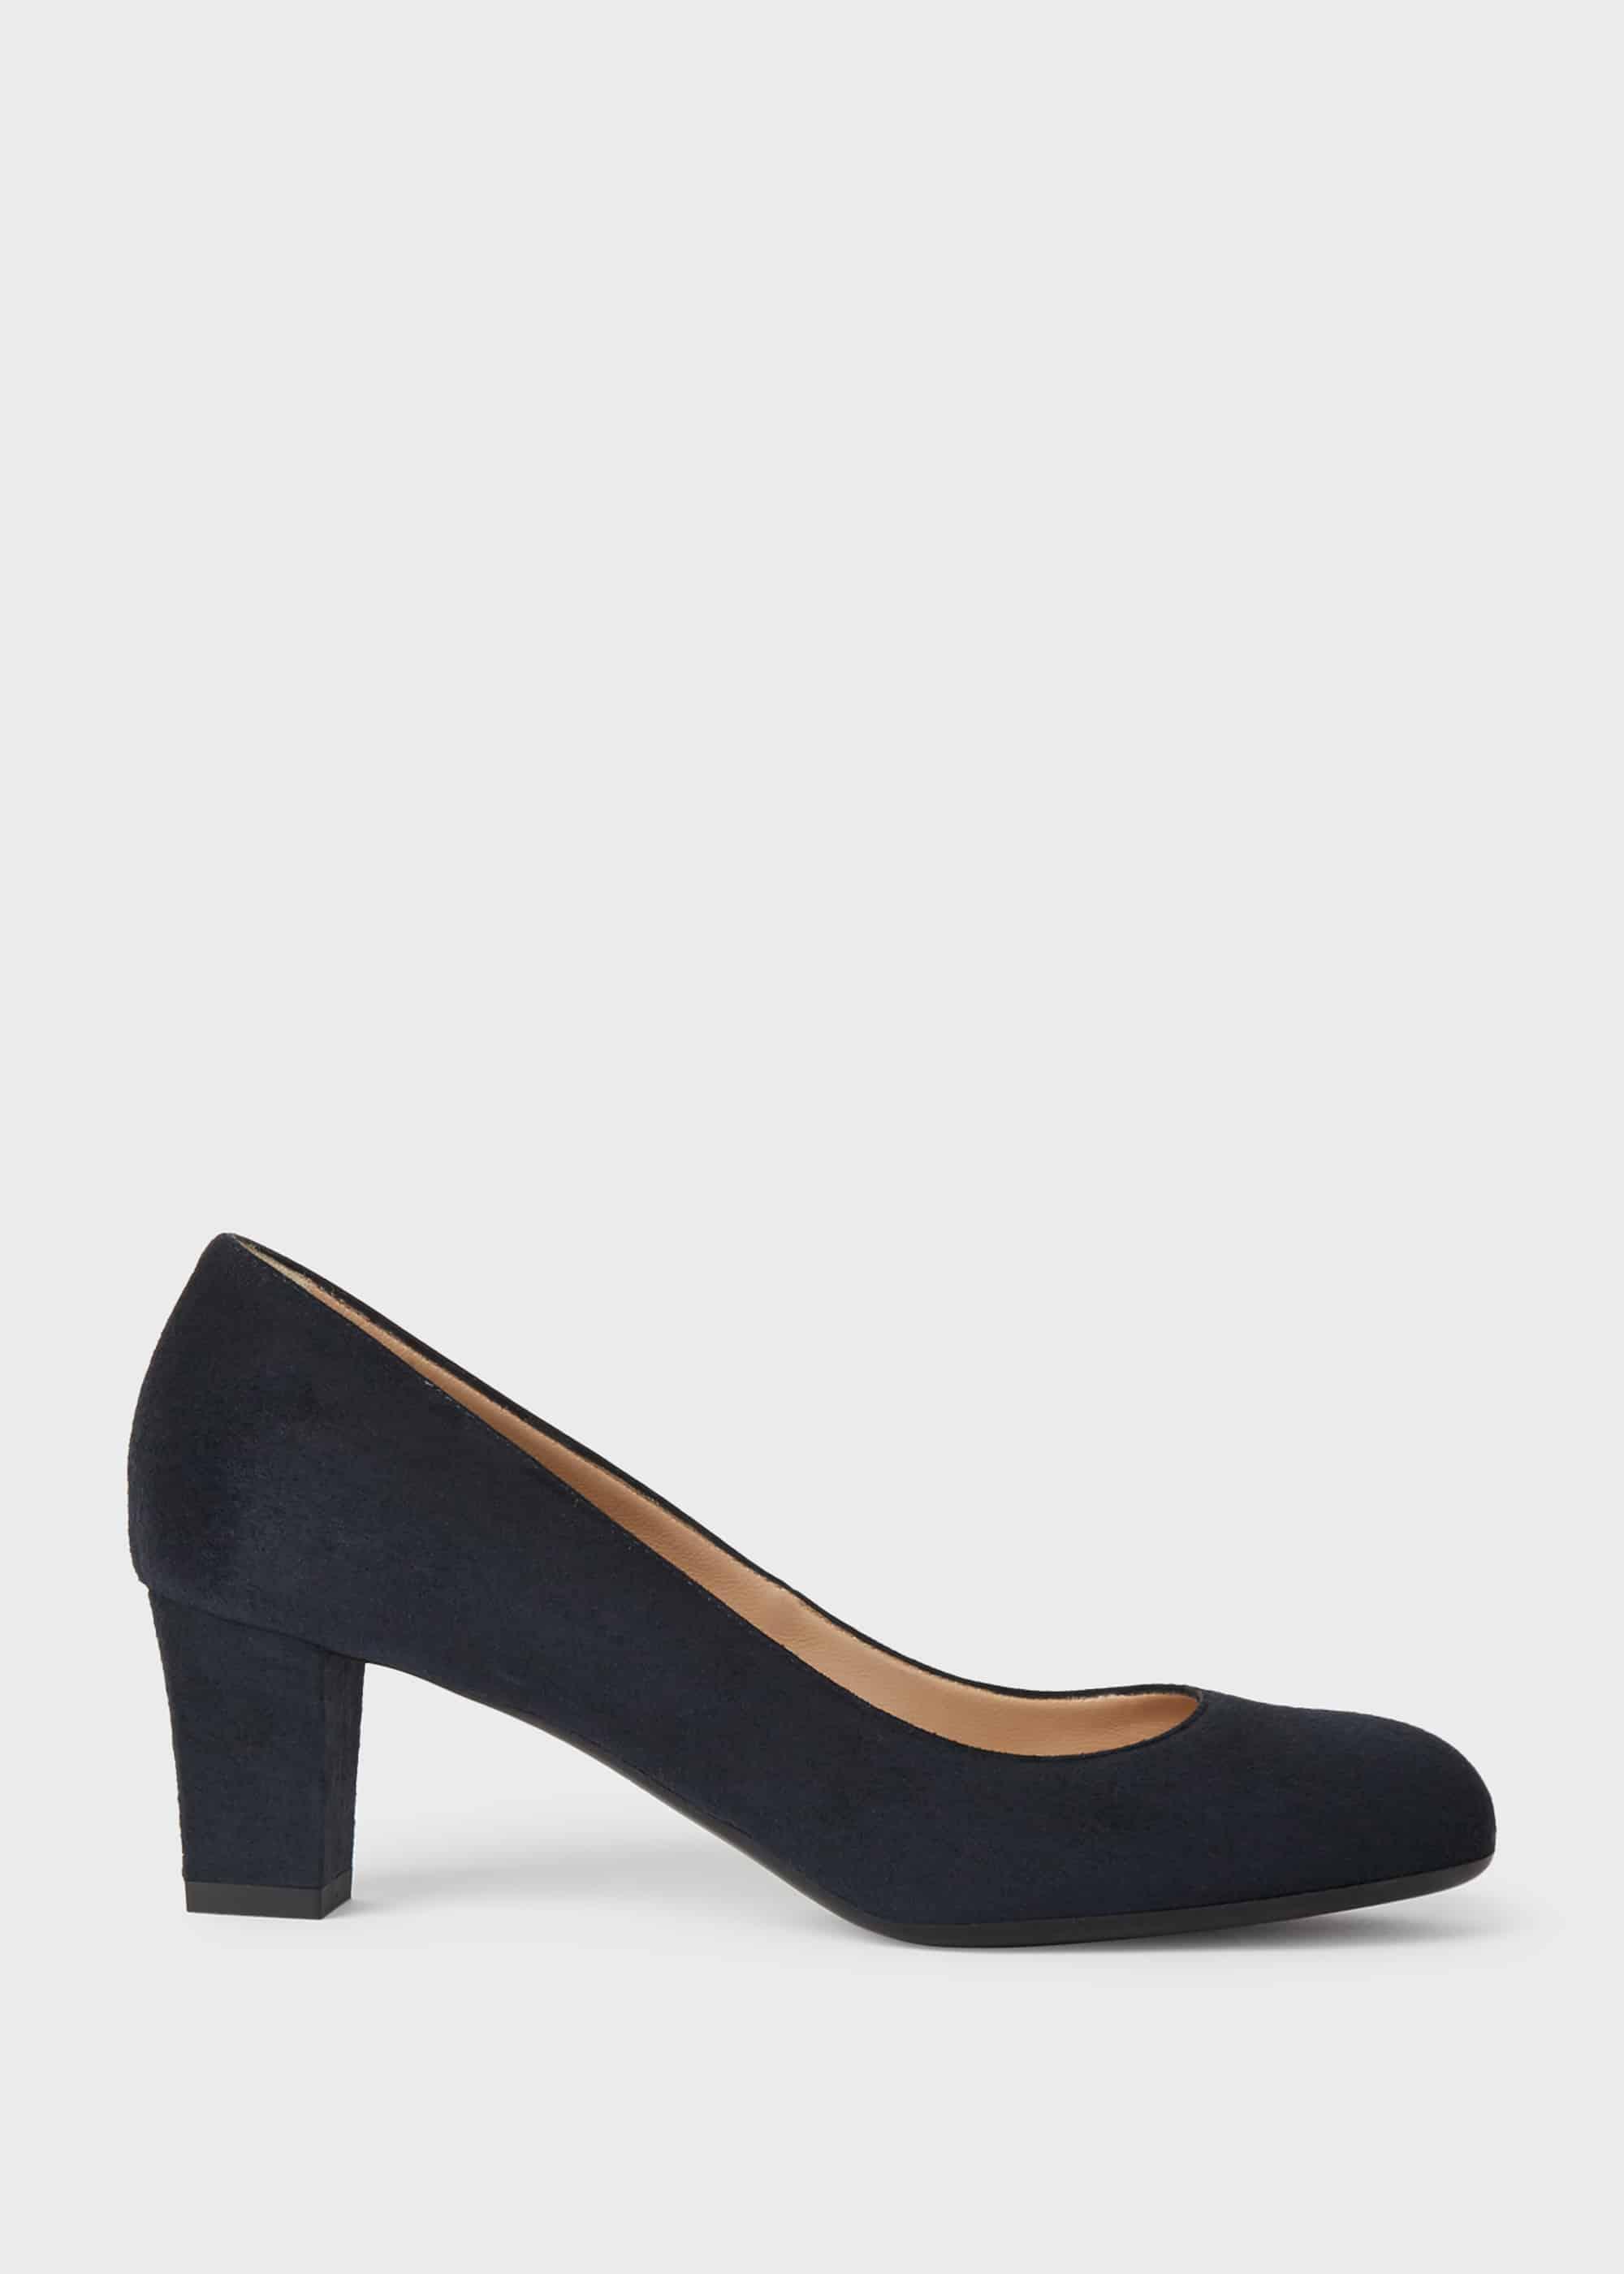 Hobbs Women Amber Suede Block Heel Court Shoes